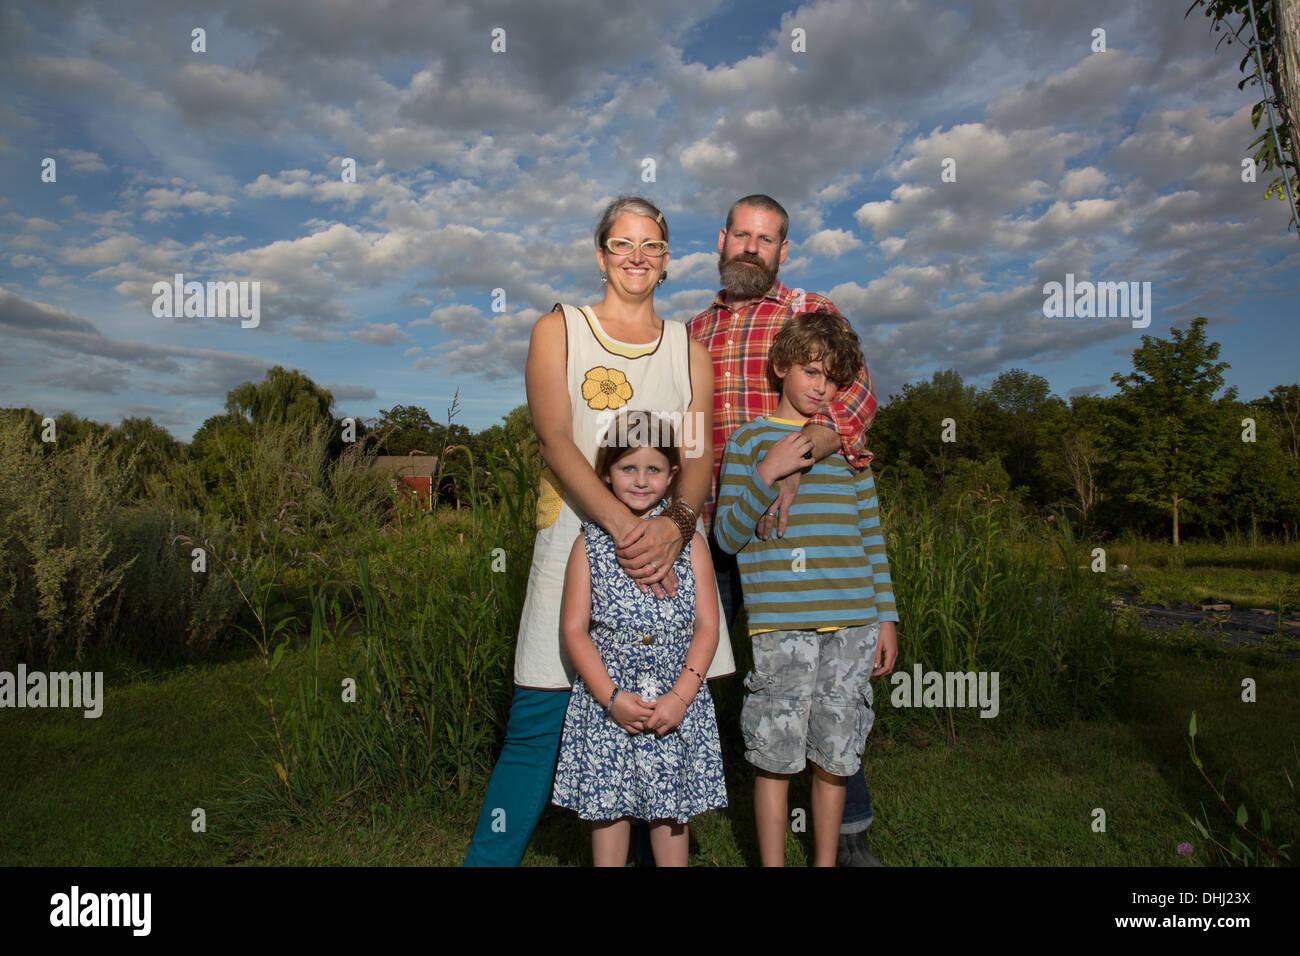 Portrait de couple avec enfants sur la famille Herb Farm Photo Stock